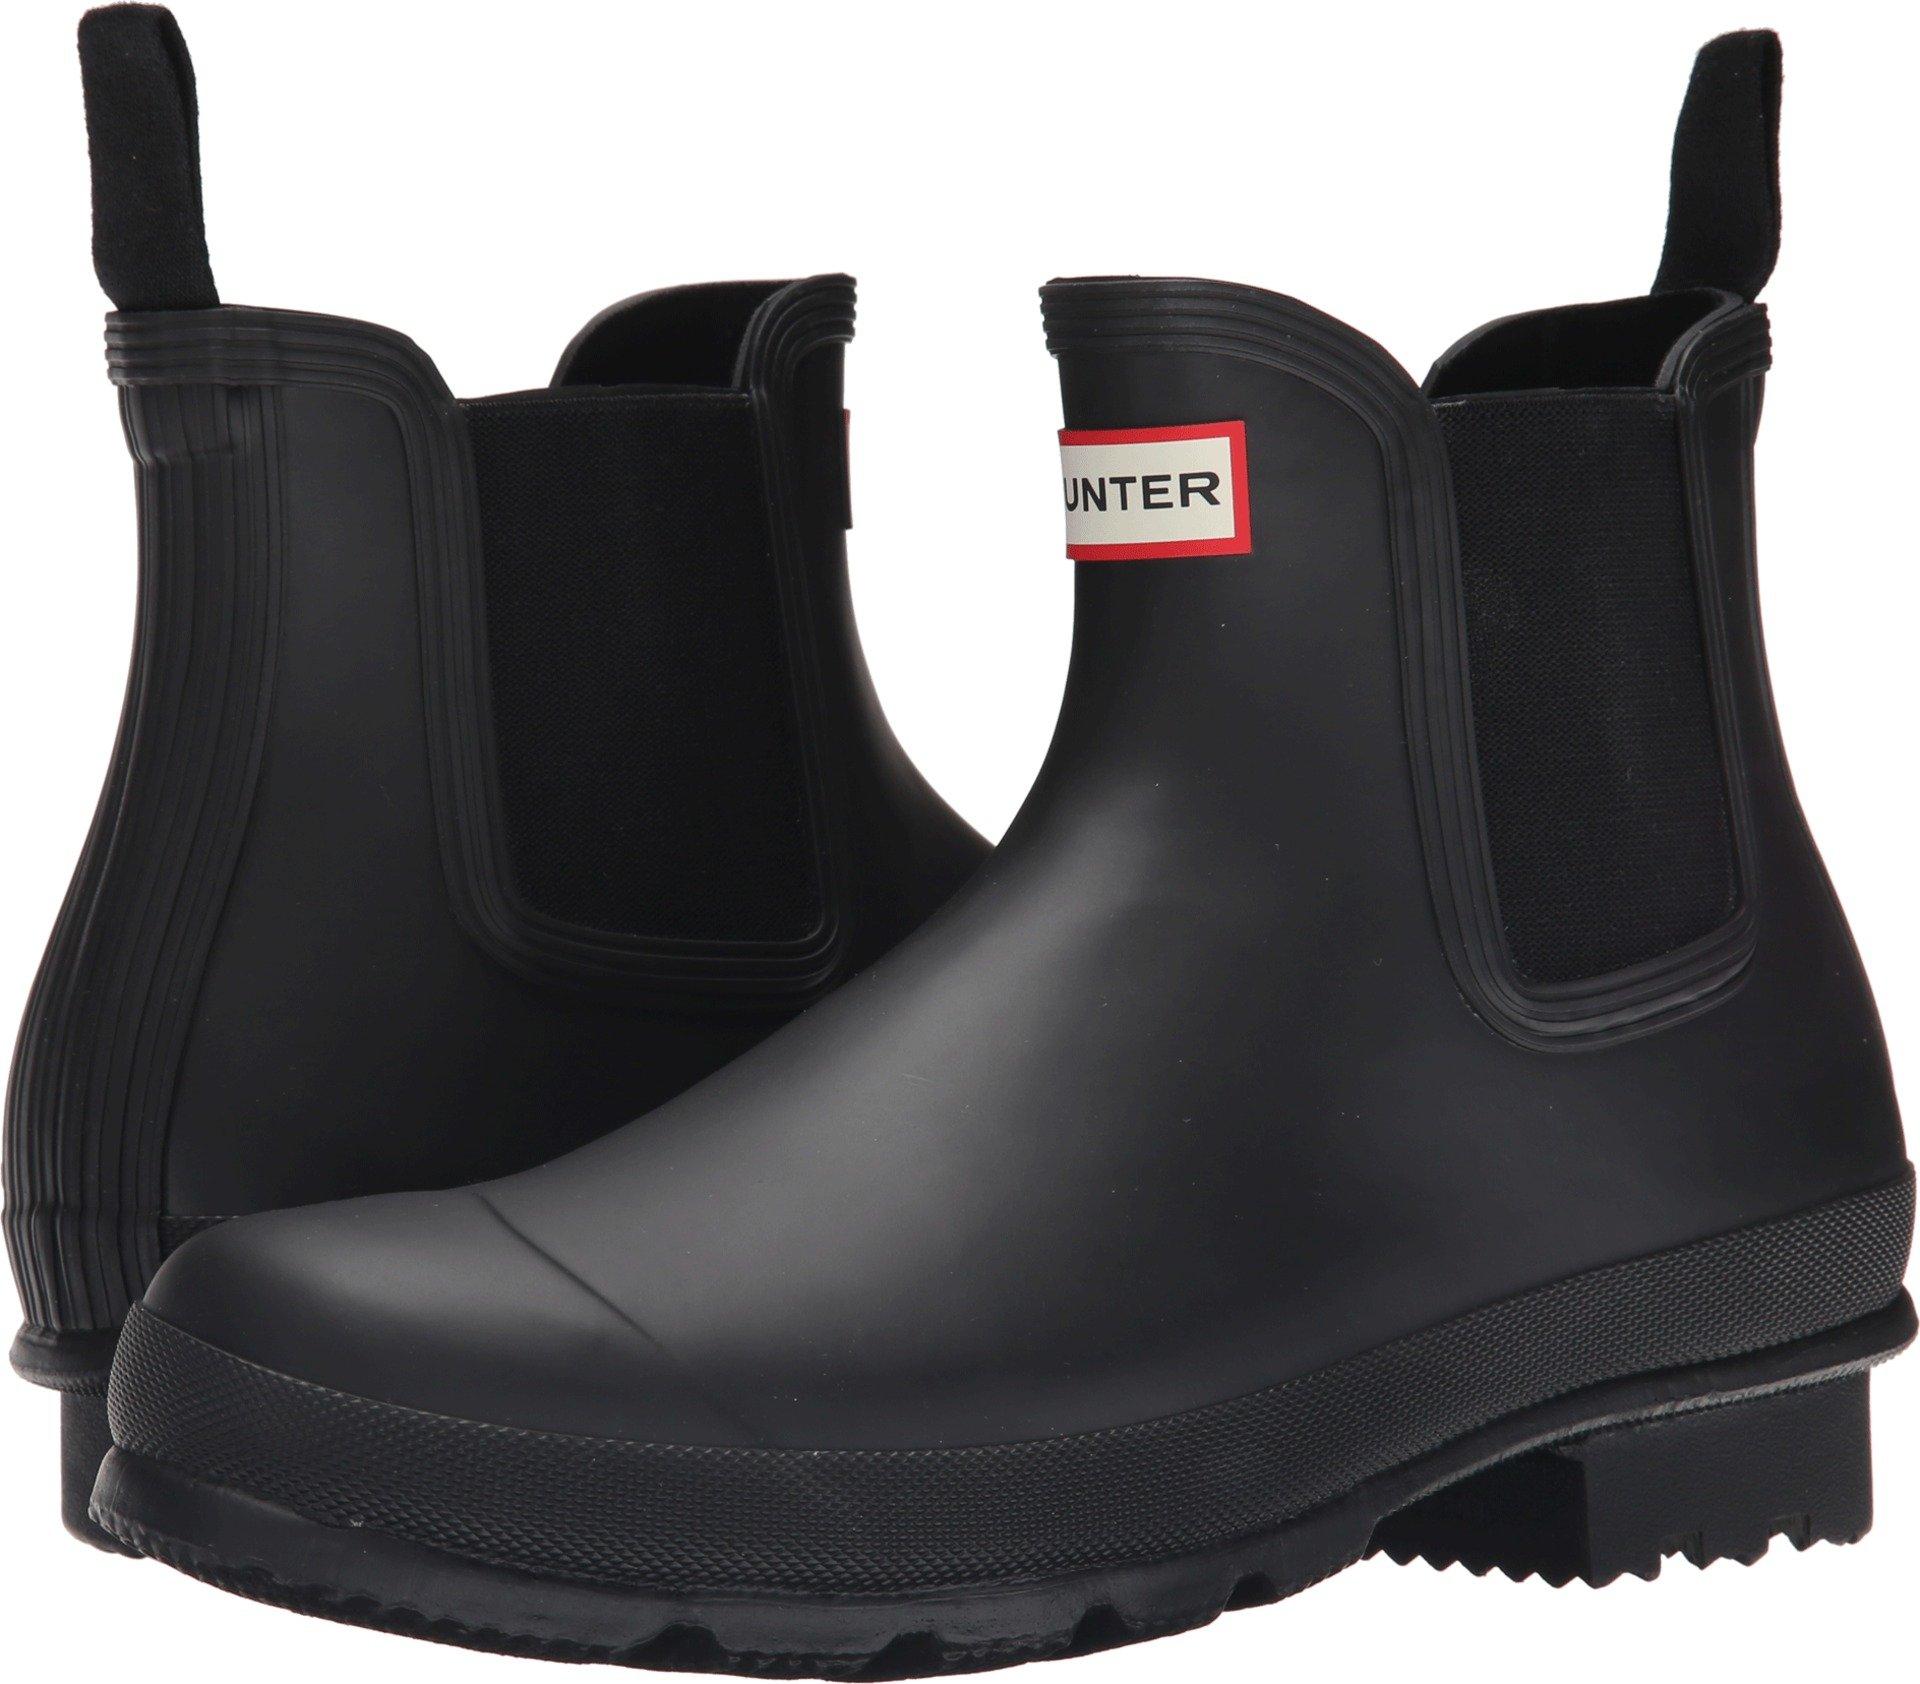 Hunter Mens Original Dark Sole Chelsea Black Rain Boot - 12